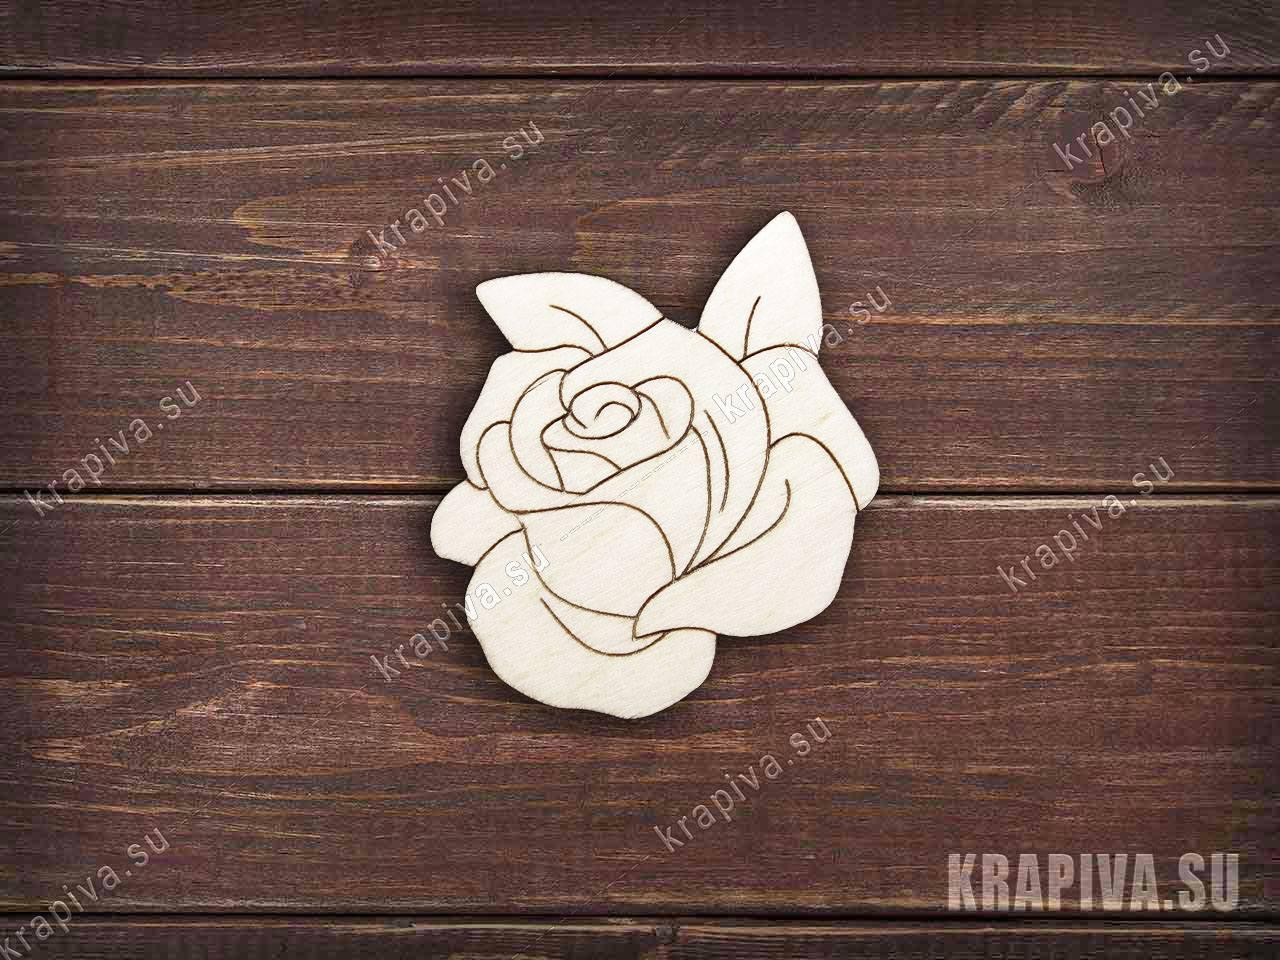 Роза №2 заготовка значка за 35 руб. в магазине Крапива (krapiva.su) (фото)